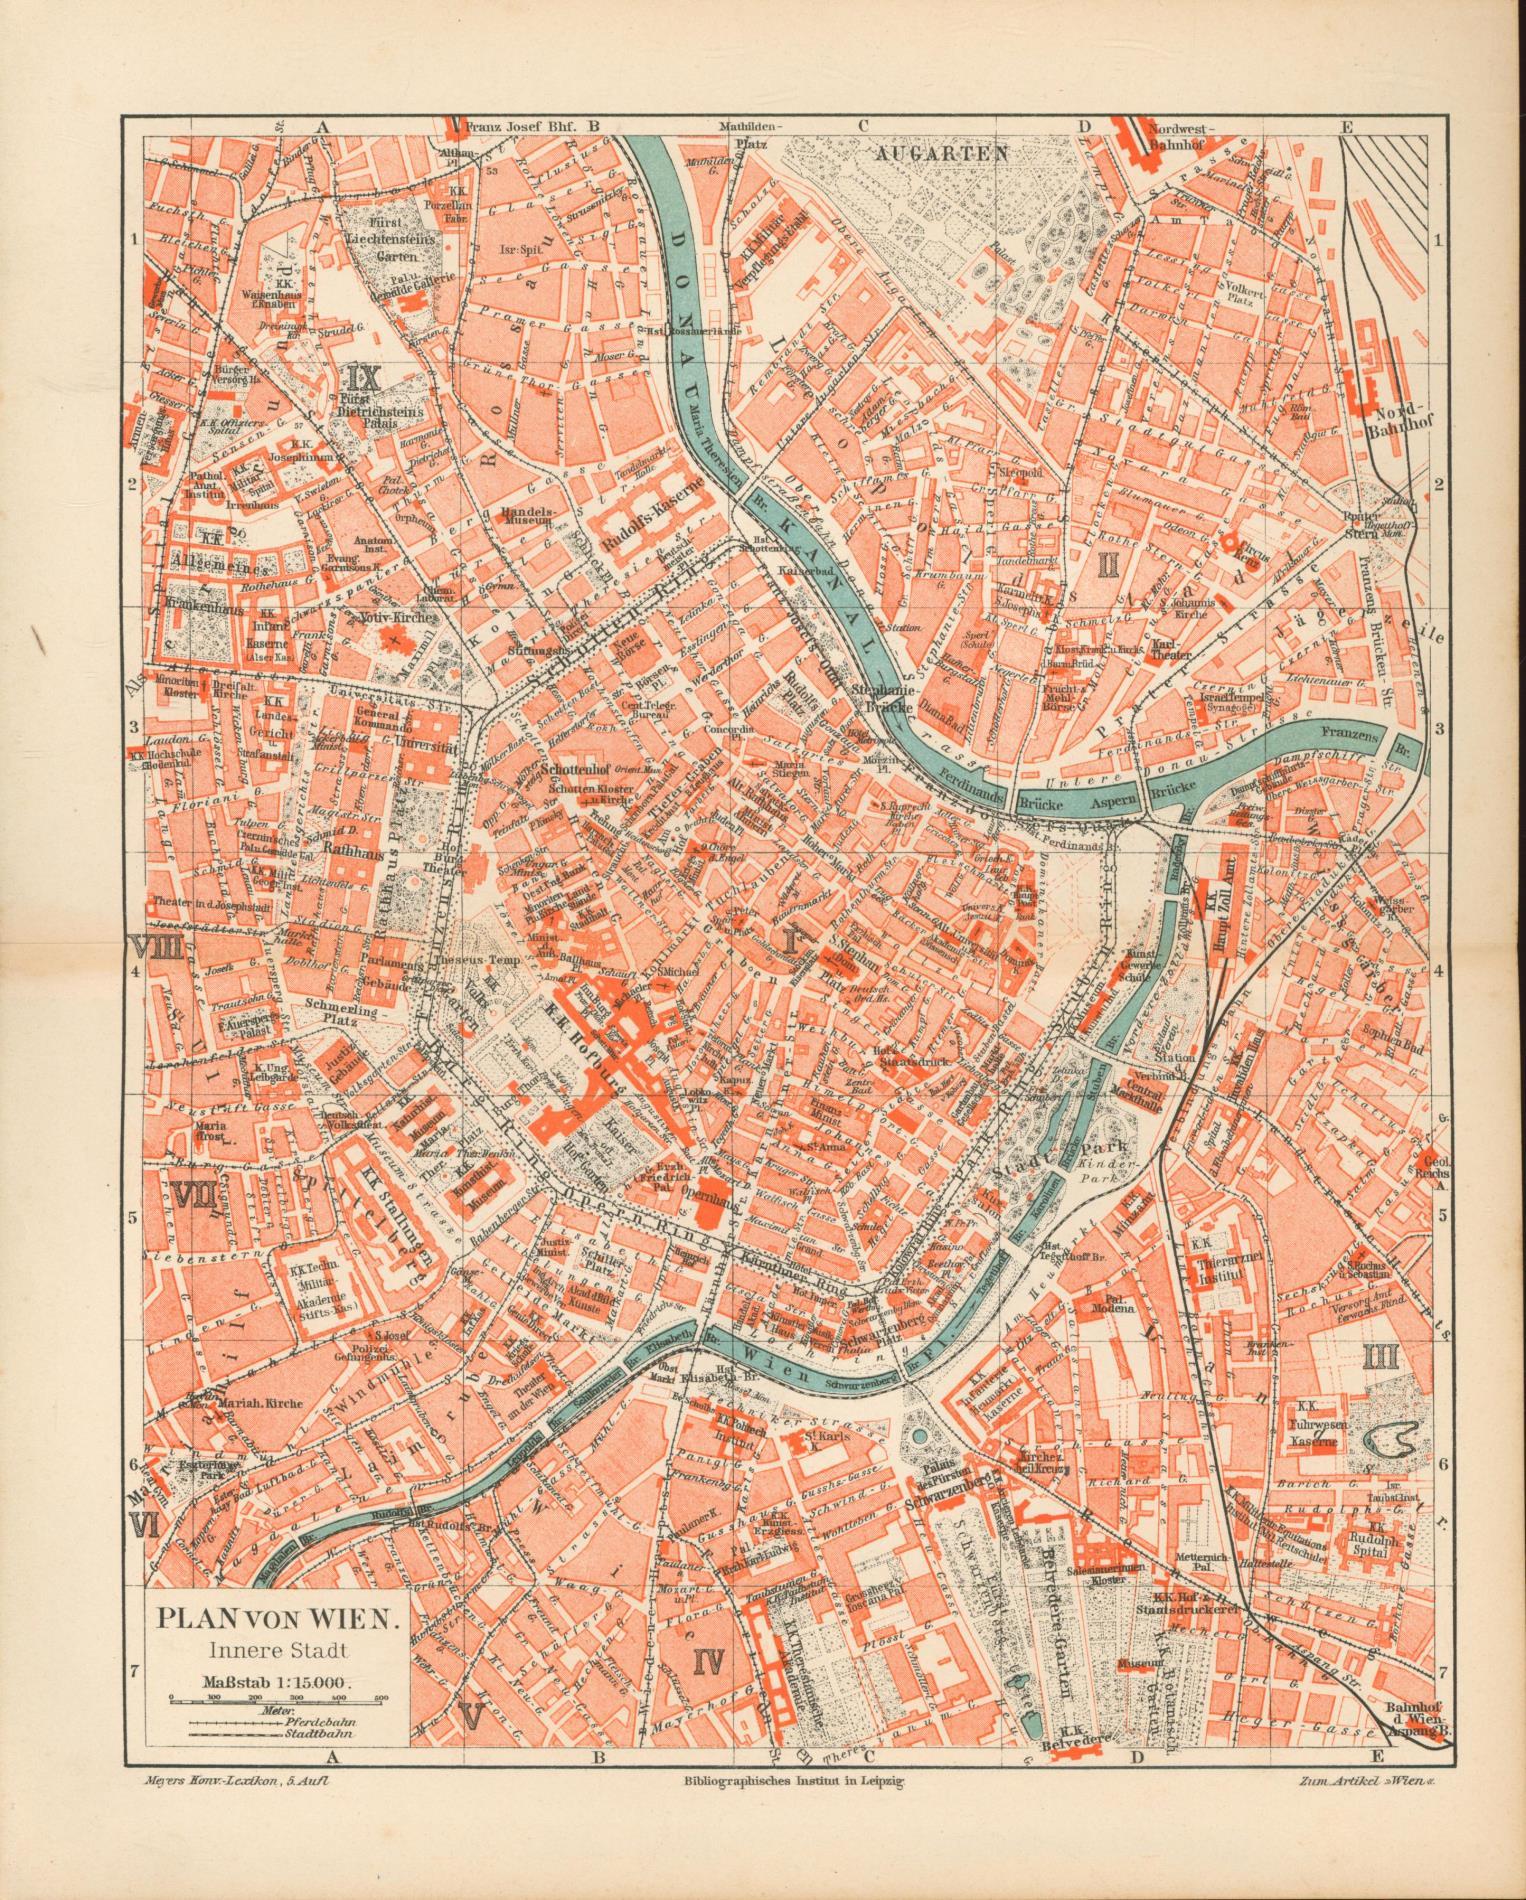 Plan von Wien von 1897 mit Namen-Register: Historische Landkarte KEIN